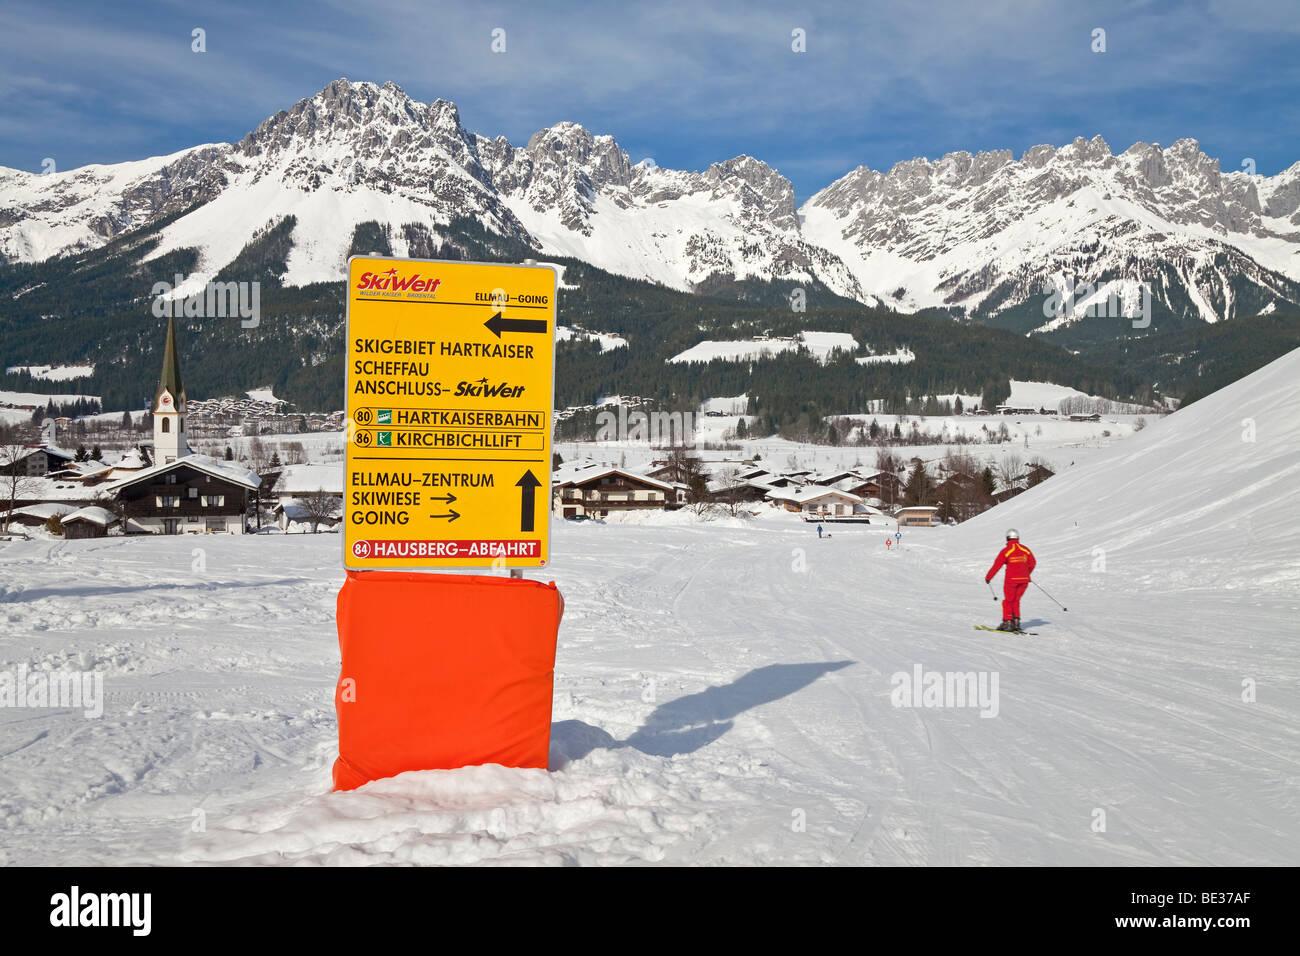 Ellmau ski resort, part of the giant Ski Welt area, Wilder Kaiser mountains beyond, Tirol, Austria - Stock Image